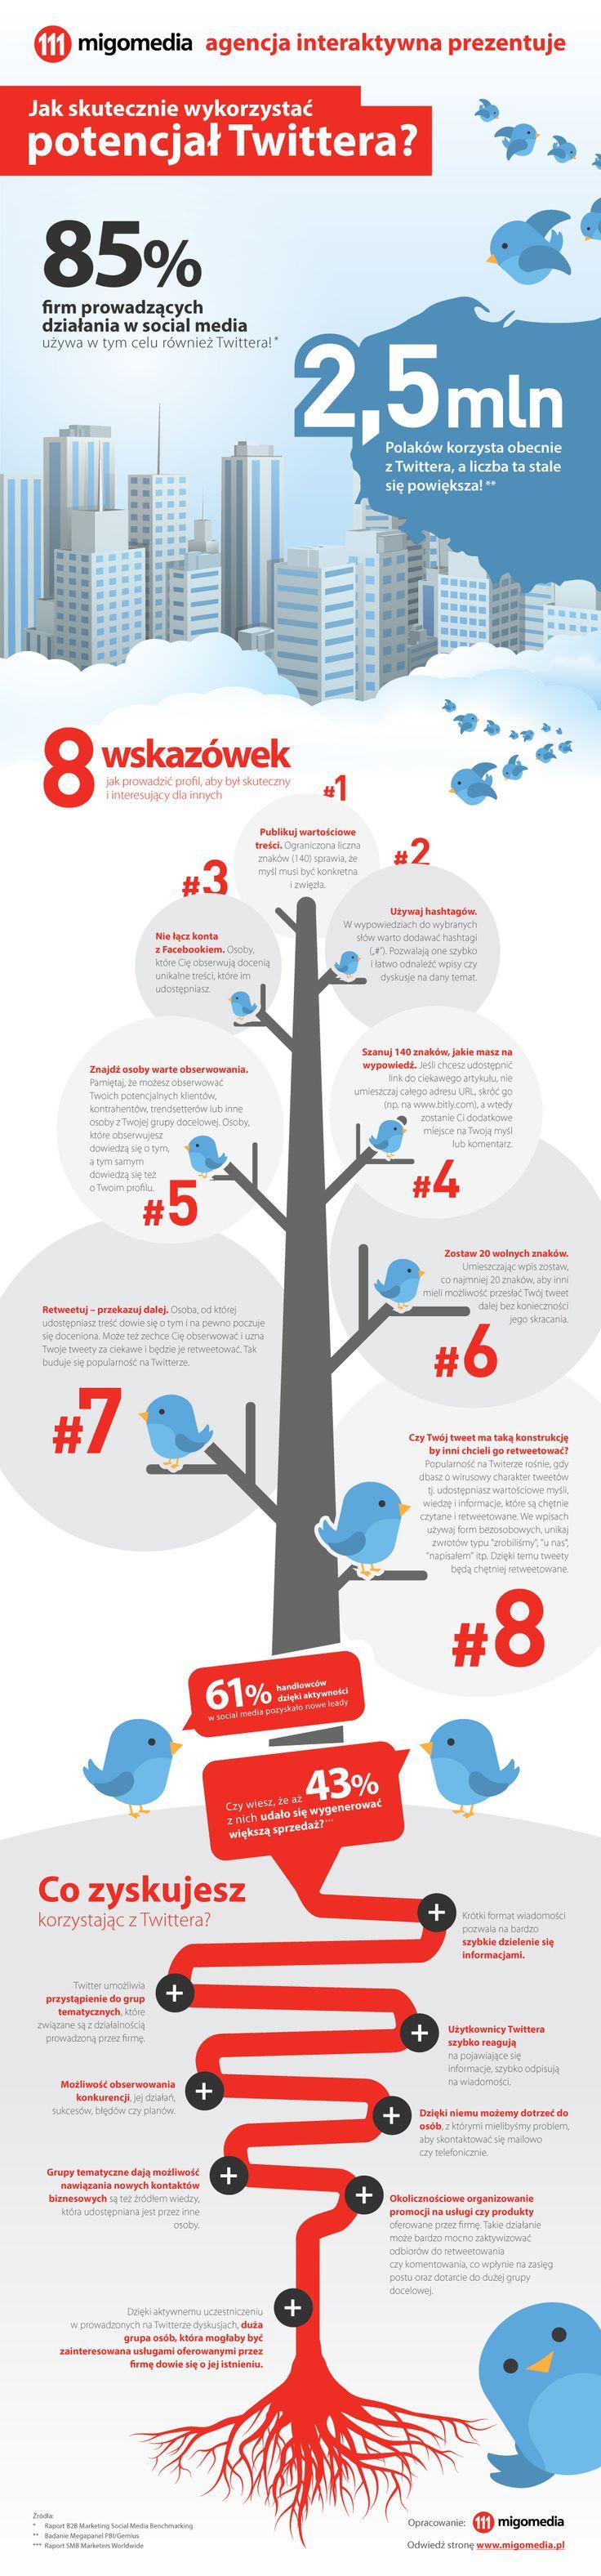 Według badań przeprowadzonych przez Megapanel PBI/Gemius w Polsce z Twittera korzysta ponad 2,5 mln użytkowników, a liczba kont stale się powiększa. Oznacza to, że potencjał tego medium jest coraz większy.  Jak skutecznie wykorzystać potencjał Twittera?  #migomedia #twitter #socialmedia #social_media #infografika #wiedza